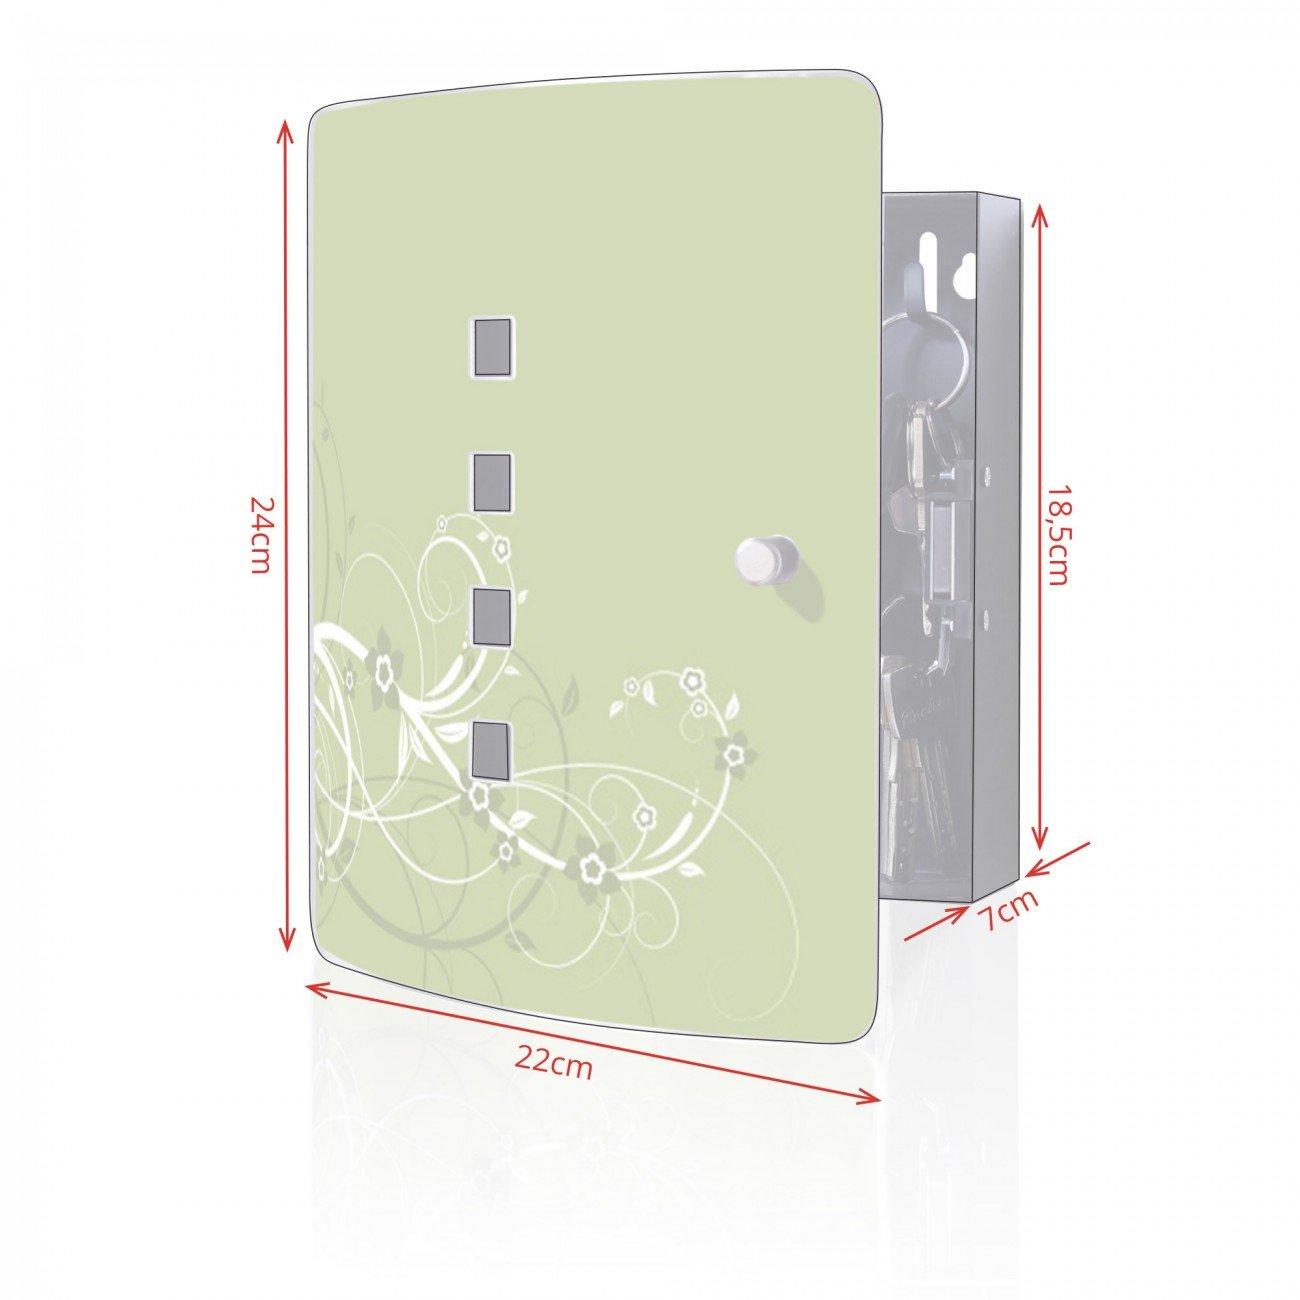 10 Haken f/ür Schl/üssel 24x21,5cm Motiv Gr/üne Bl/üten praktischer Magnetverschluss banjado Design Schl/üsselkasten aus Edelstahl